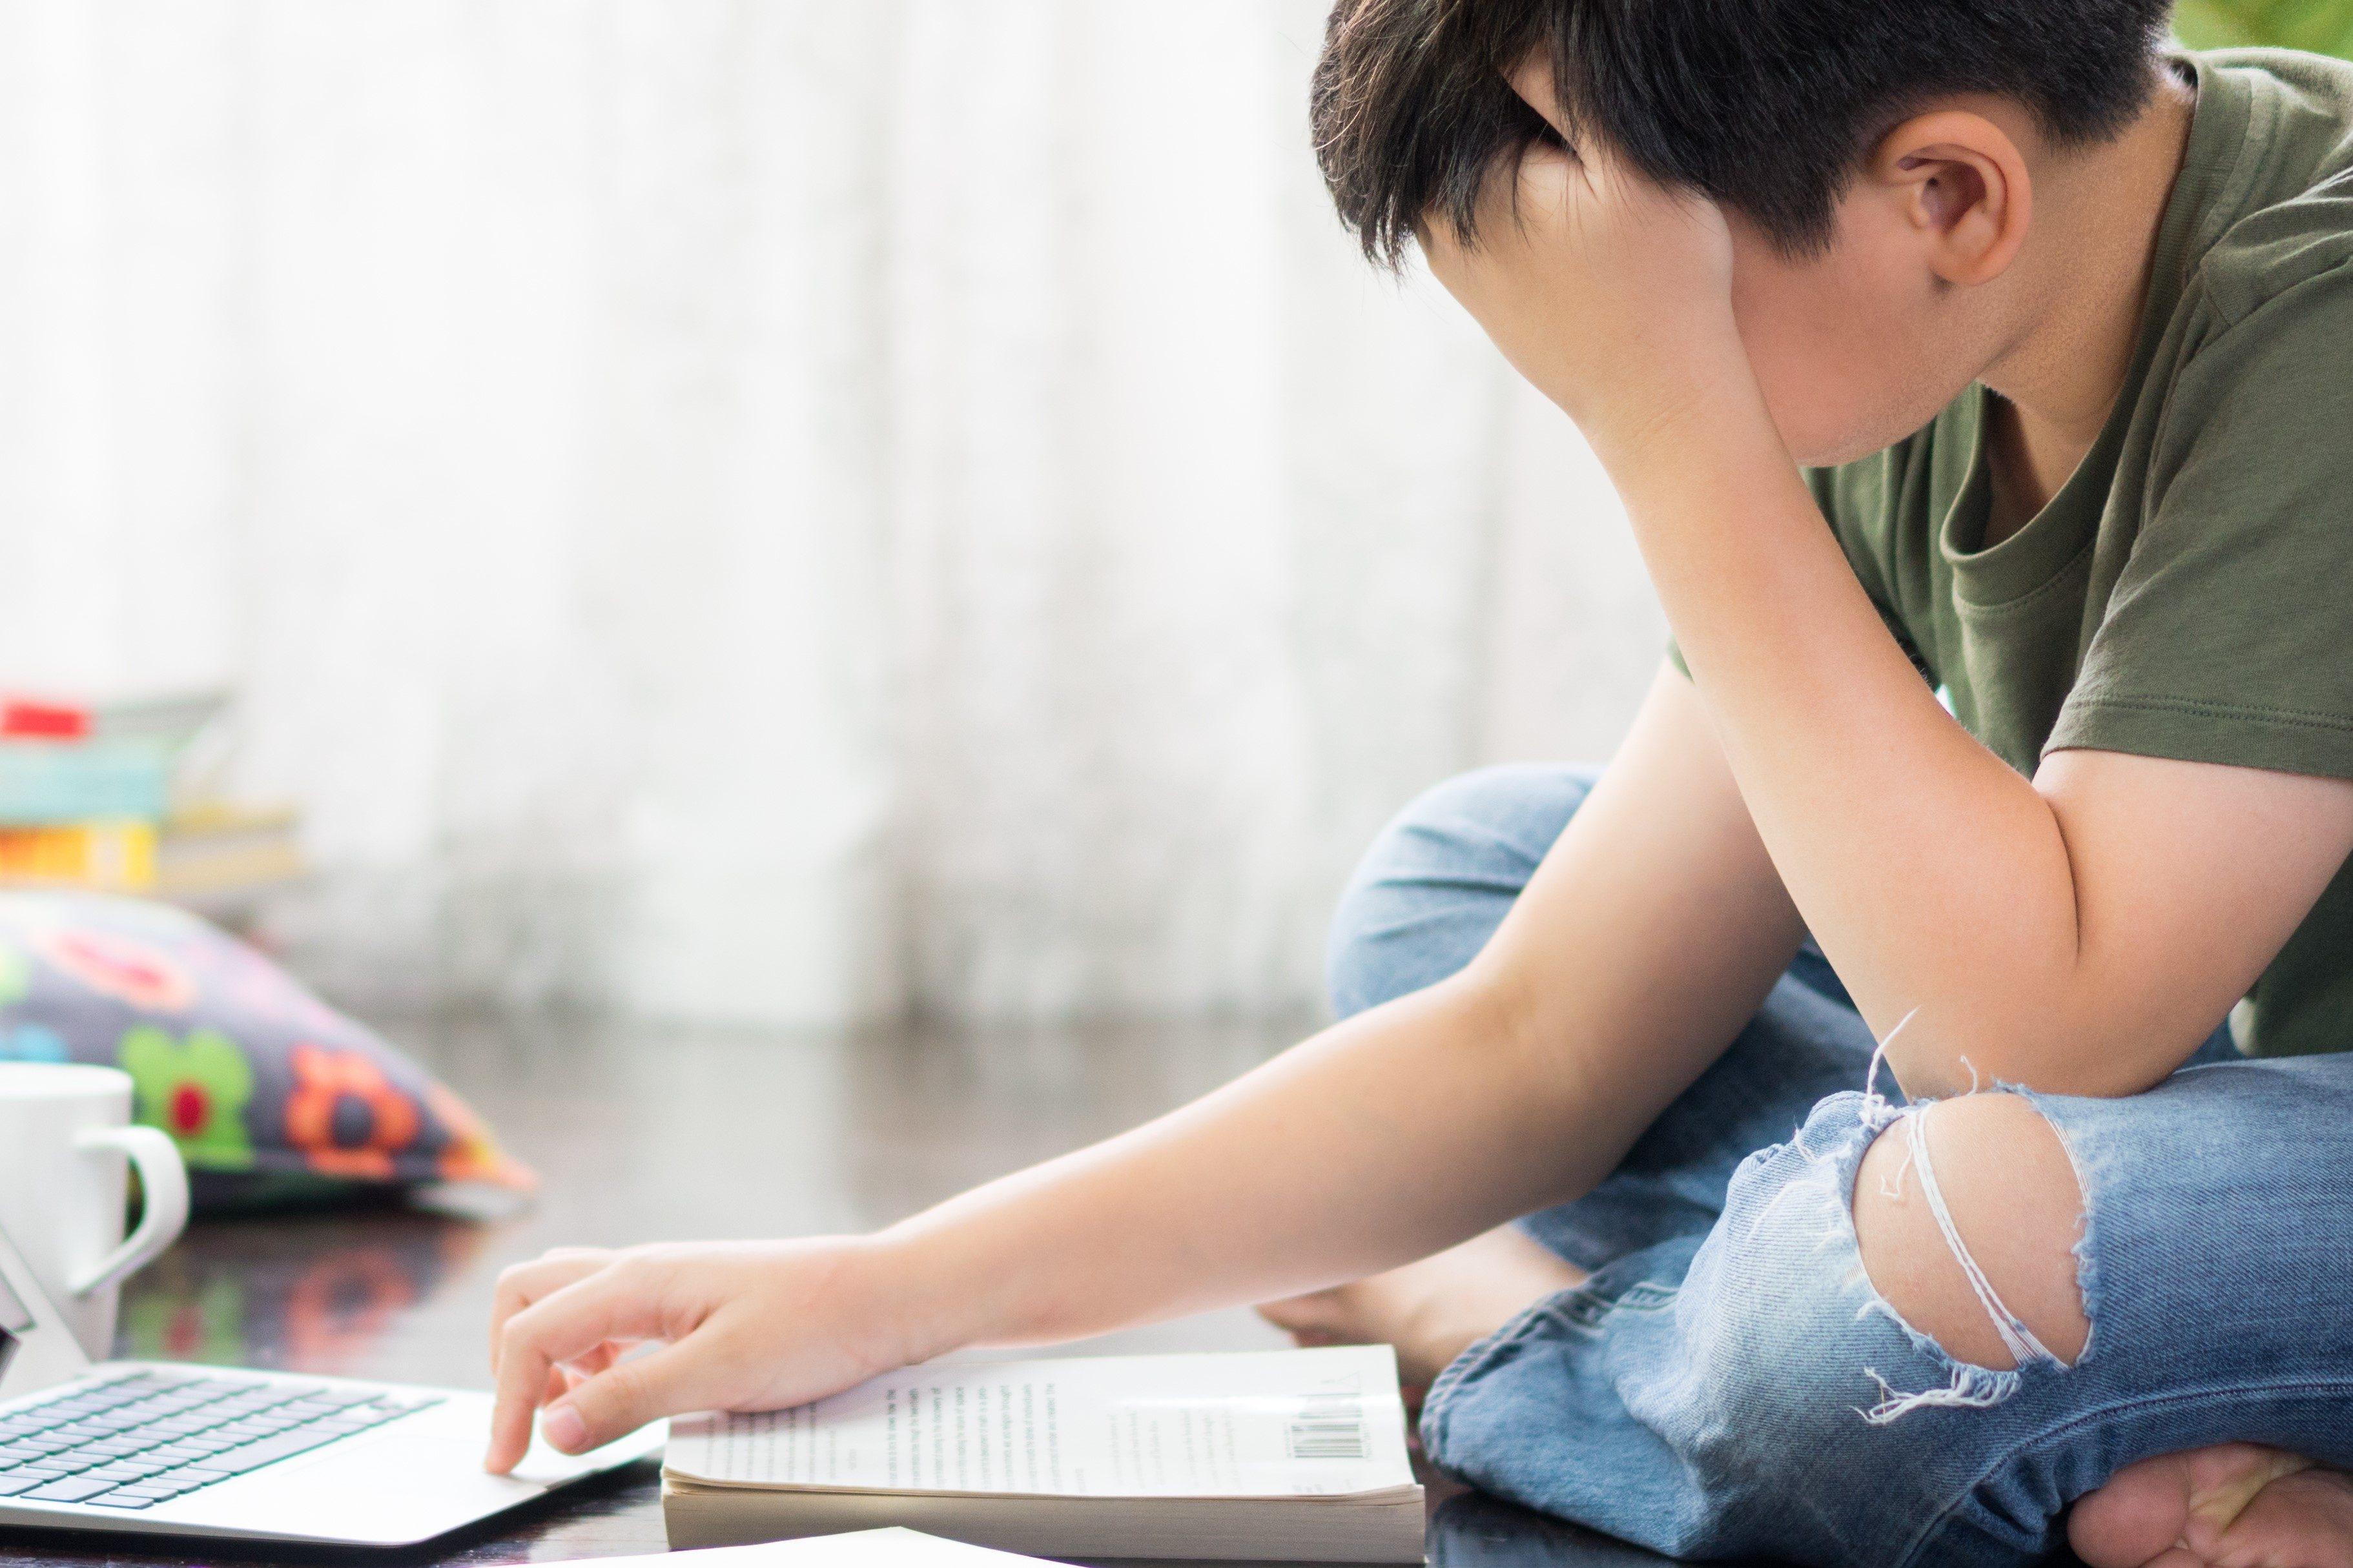 オンライン授業のストレス